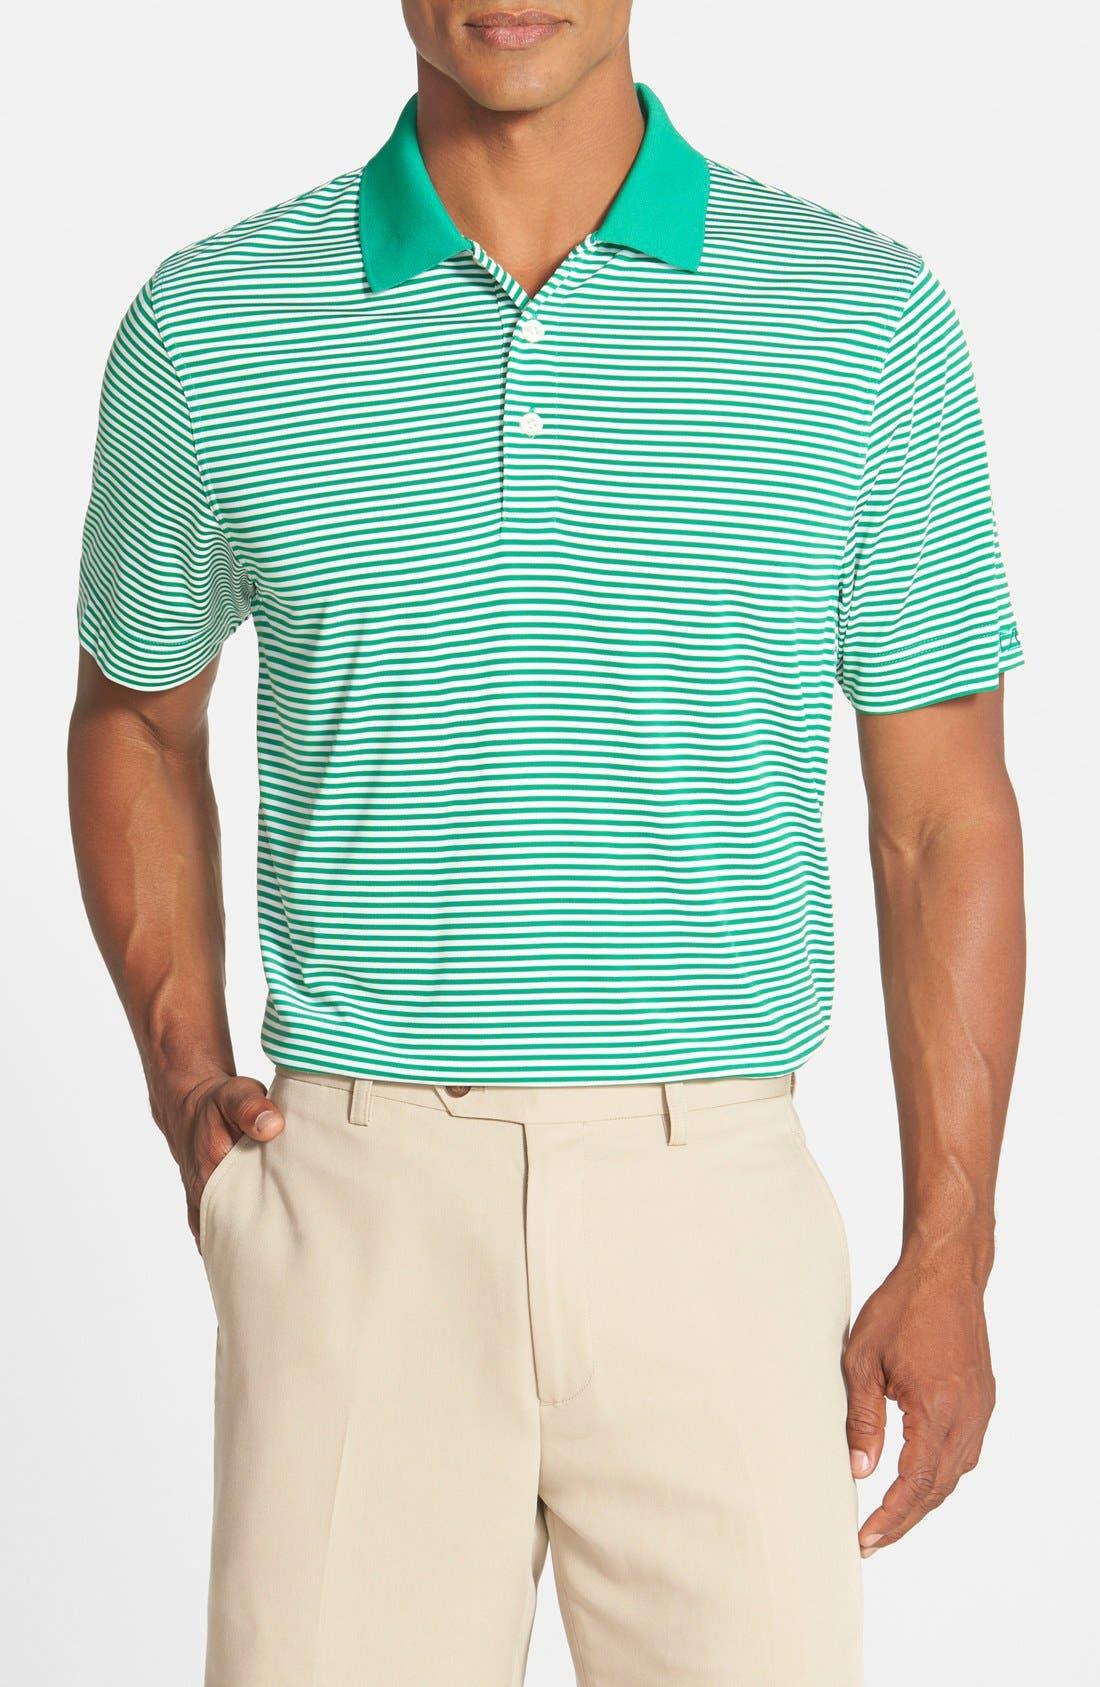 Trevor DryTec Moisture Wicking Golf Polo,                             Main thumbnail 1, color,                             Loft Green/ White